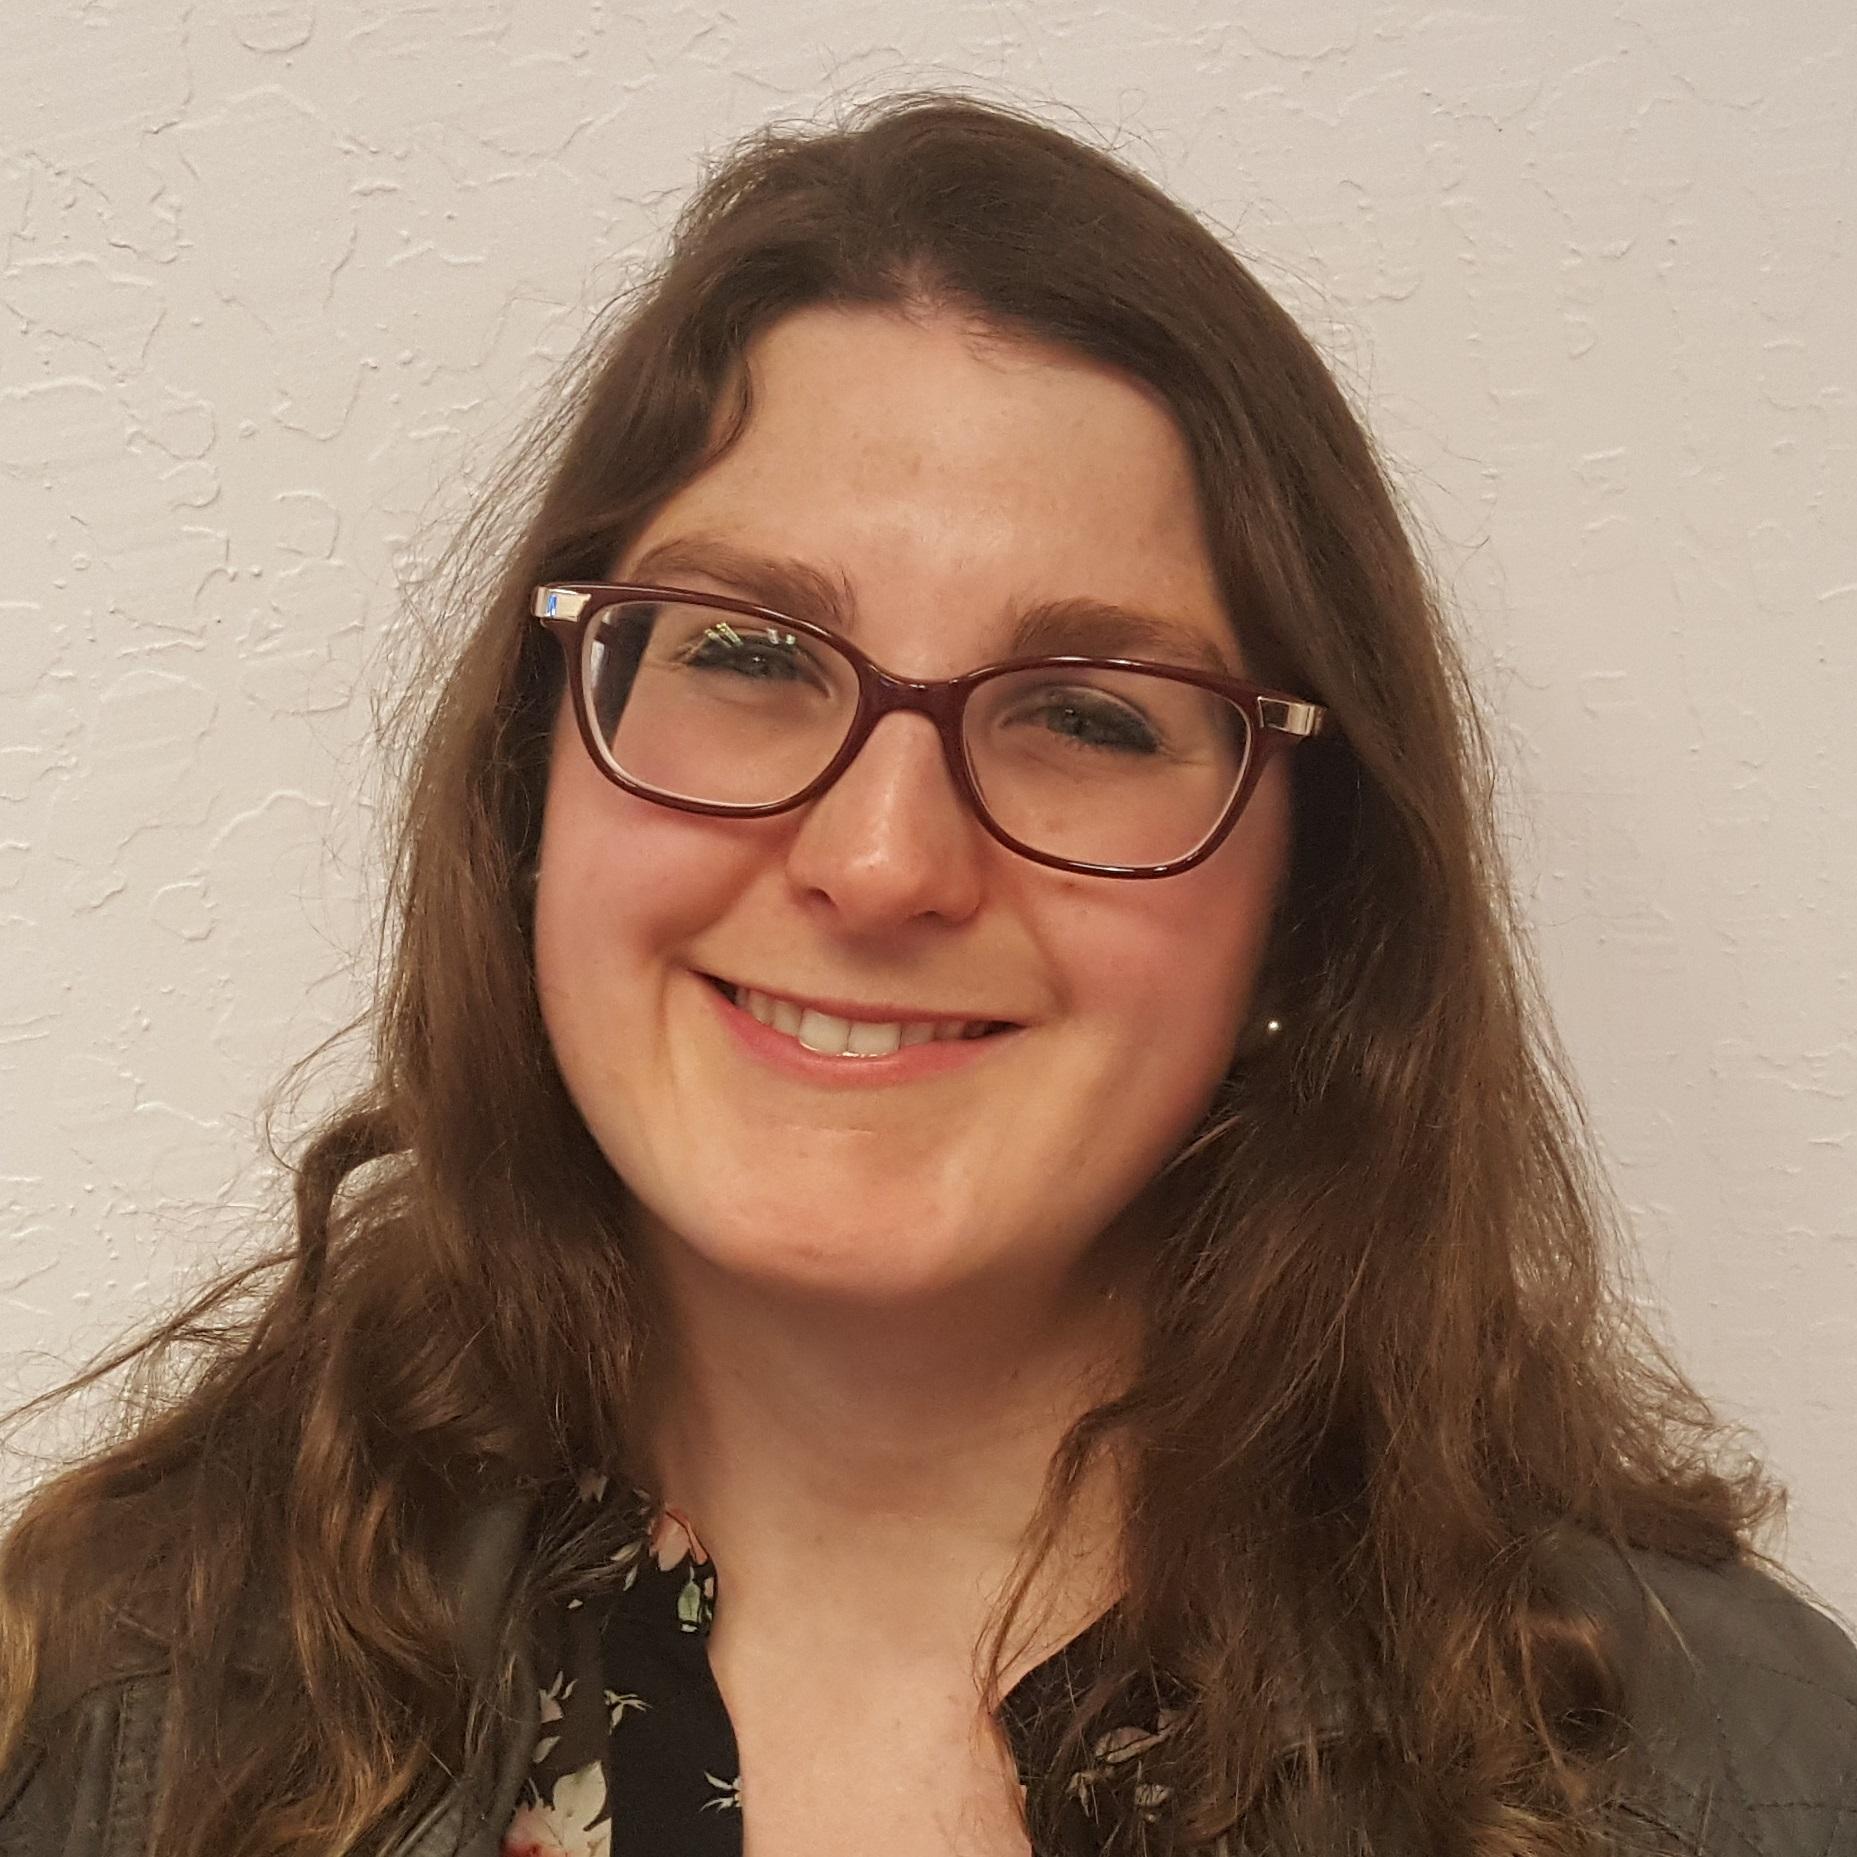 Danielle Torreano